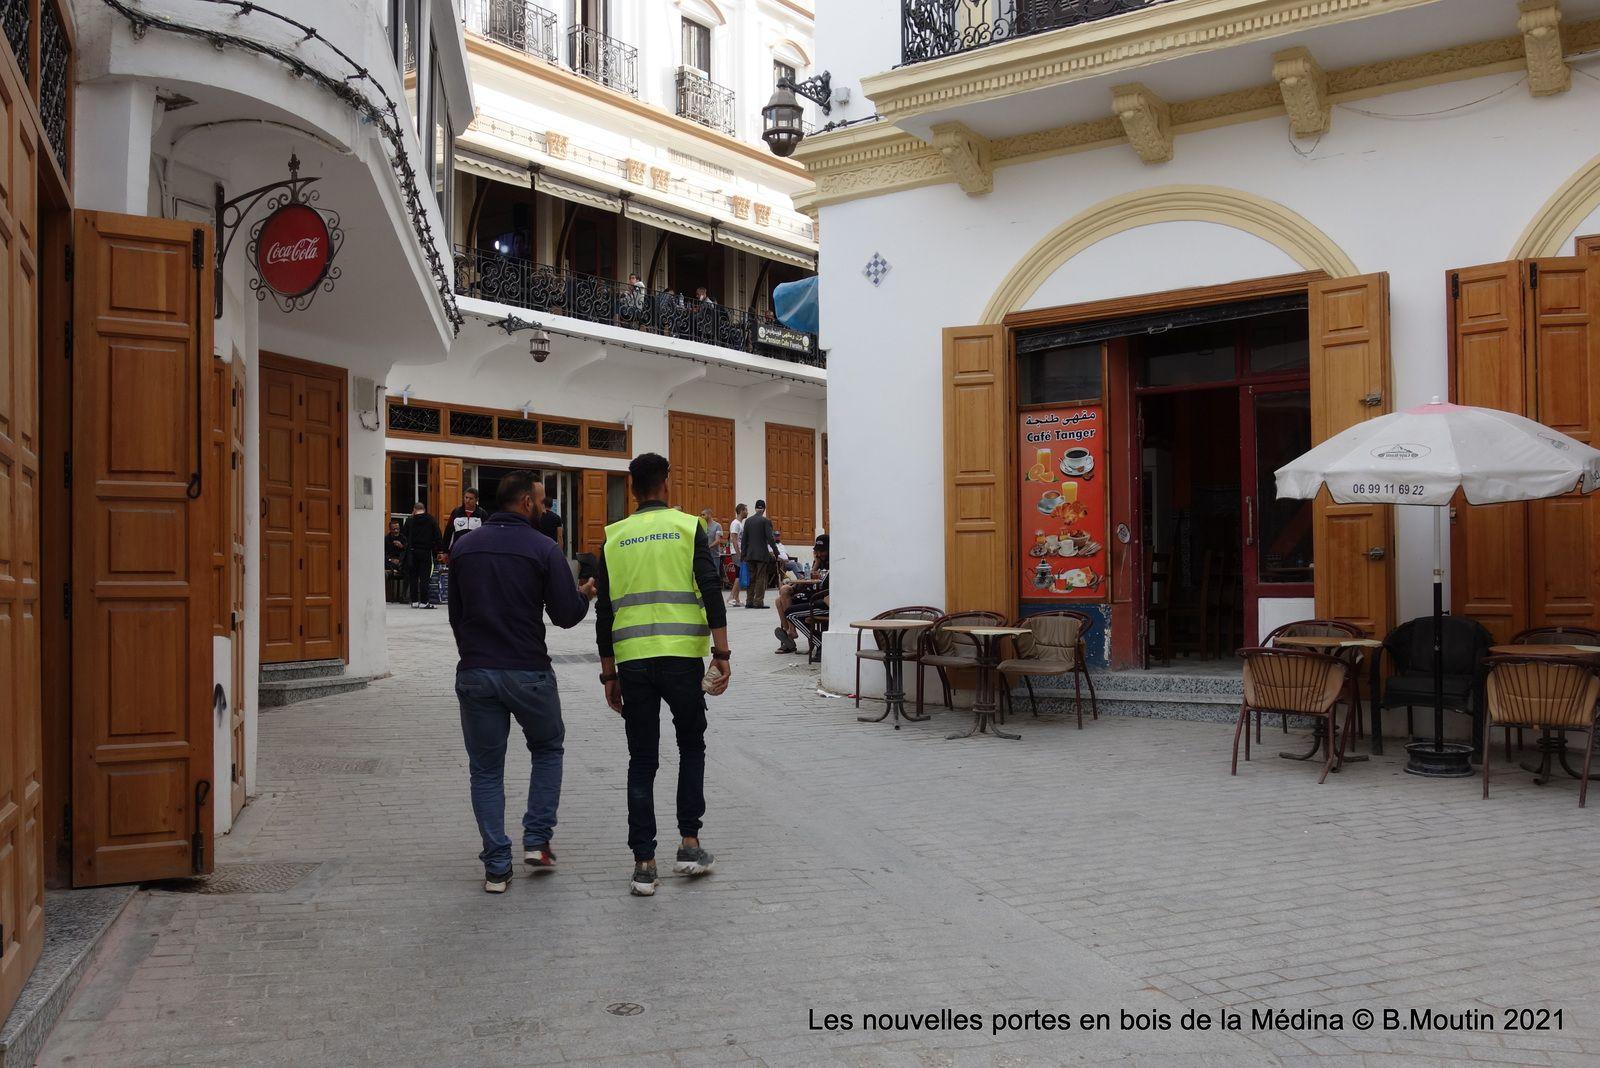 Les nouvelles portes en bois de la Medina (3 photos à cliquer)